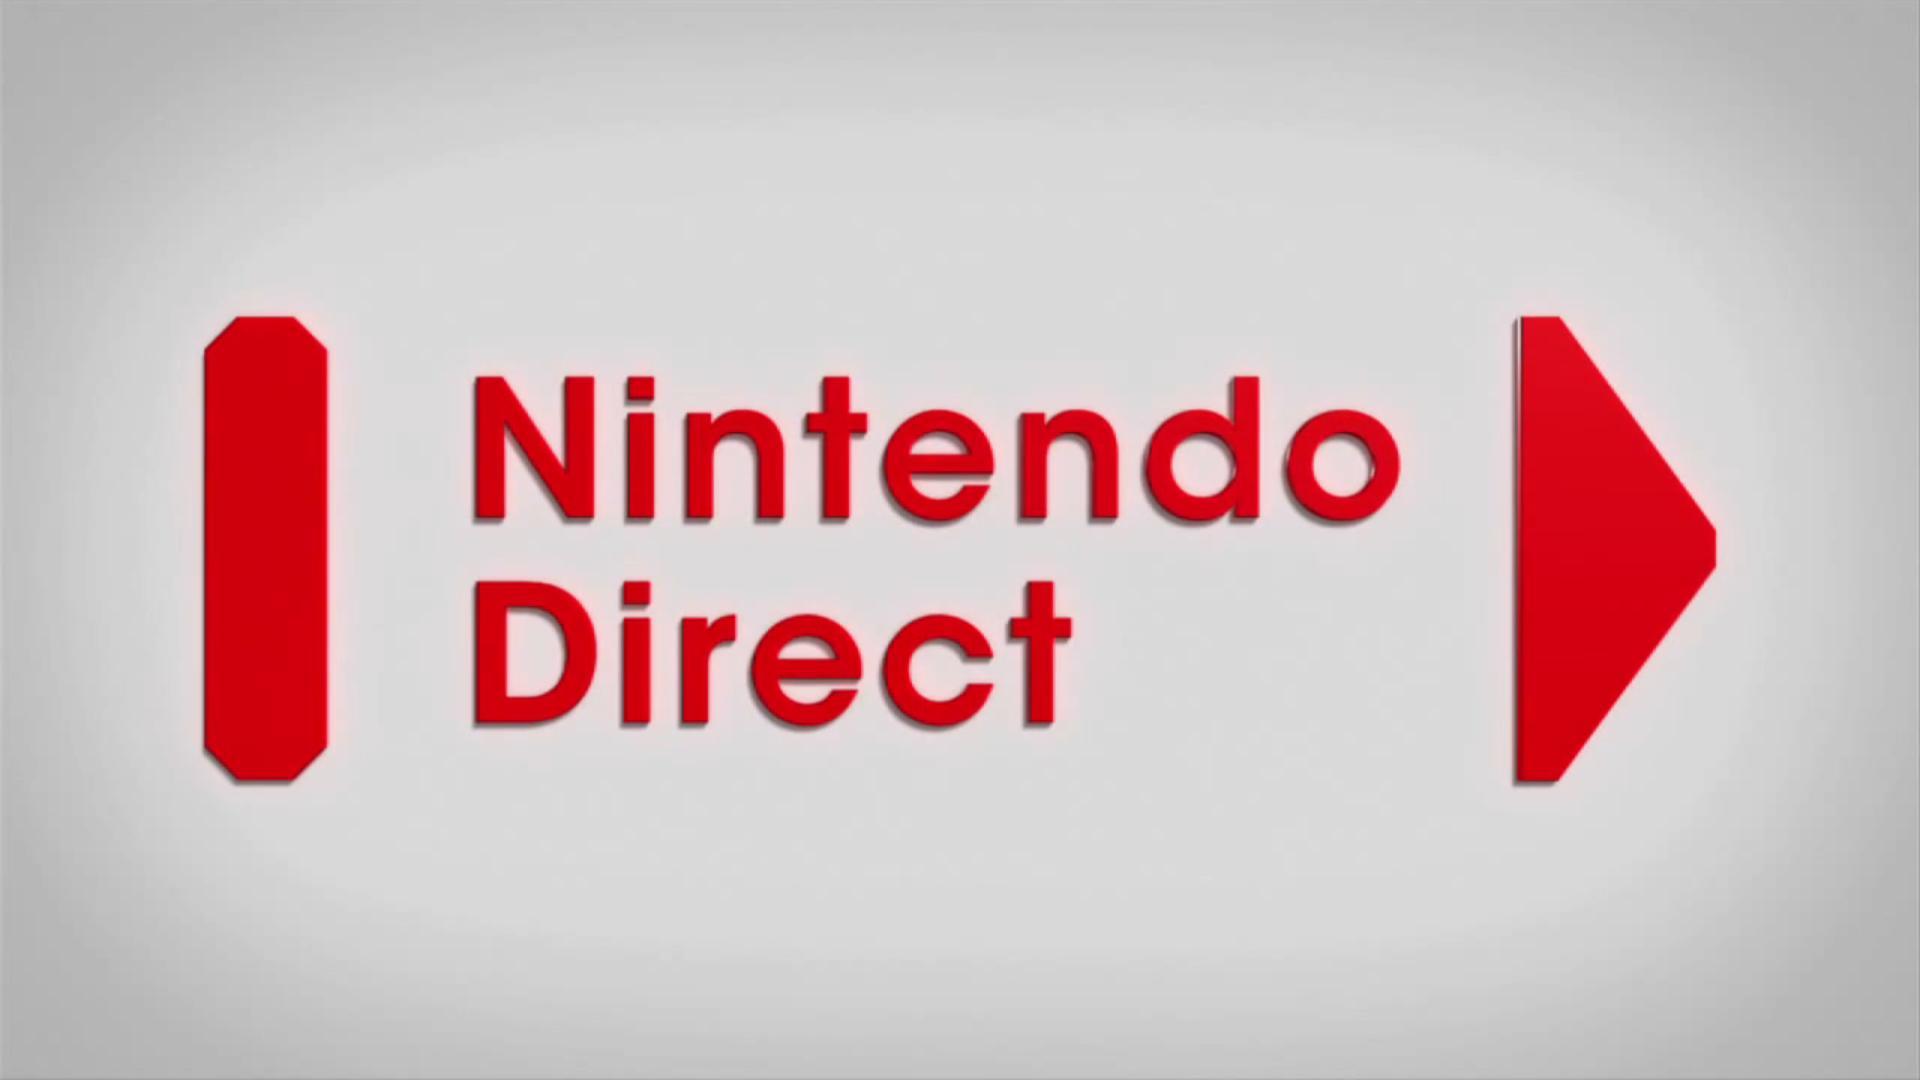 Aquí esta la Nintendo Direct Completa por si se la perdieron [Video]